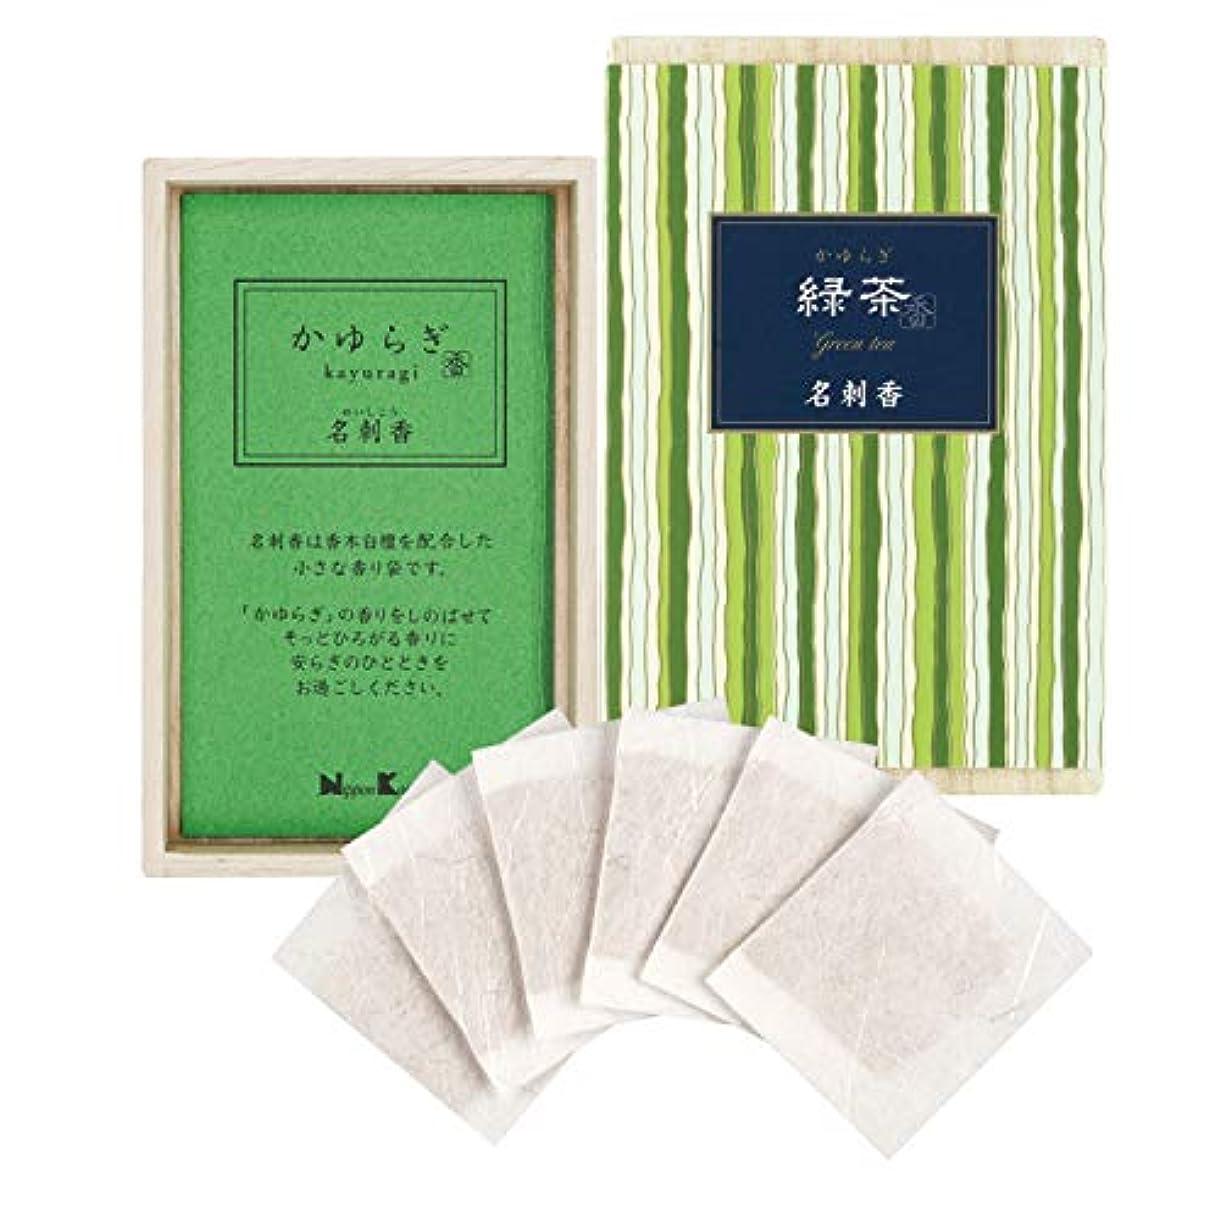 潜水艦かすれた集団的かゆらぎ 緑茶 名刺香 桐箱 6入